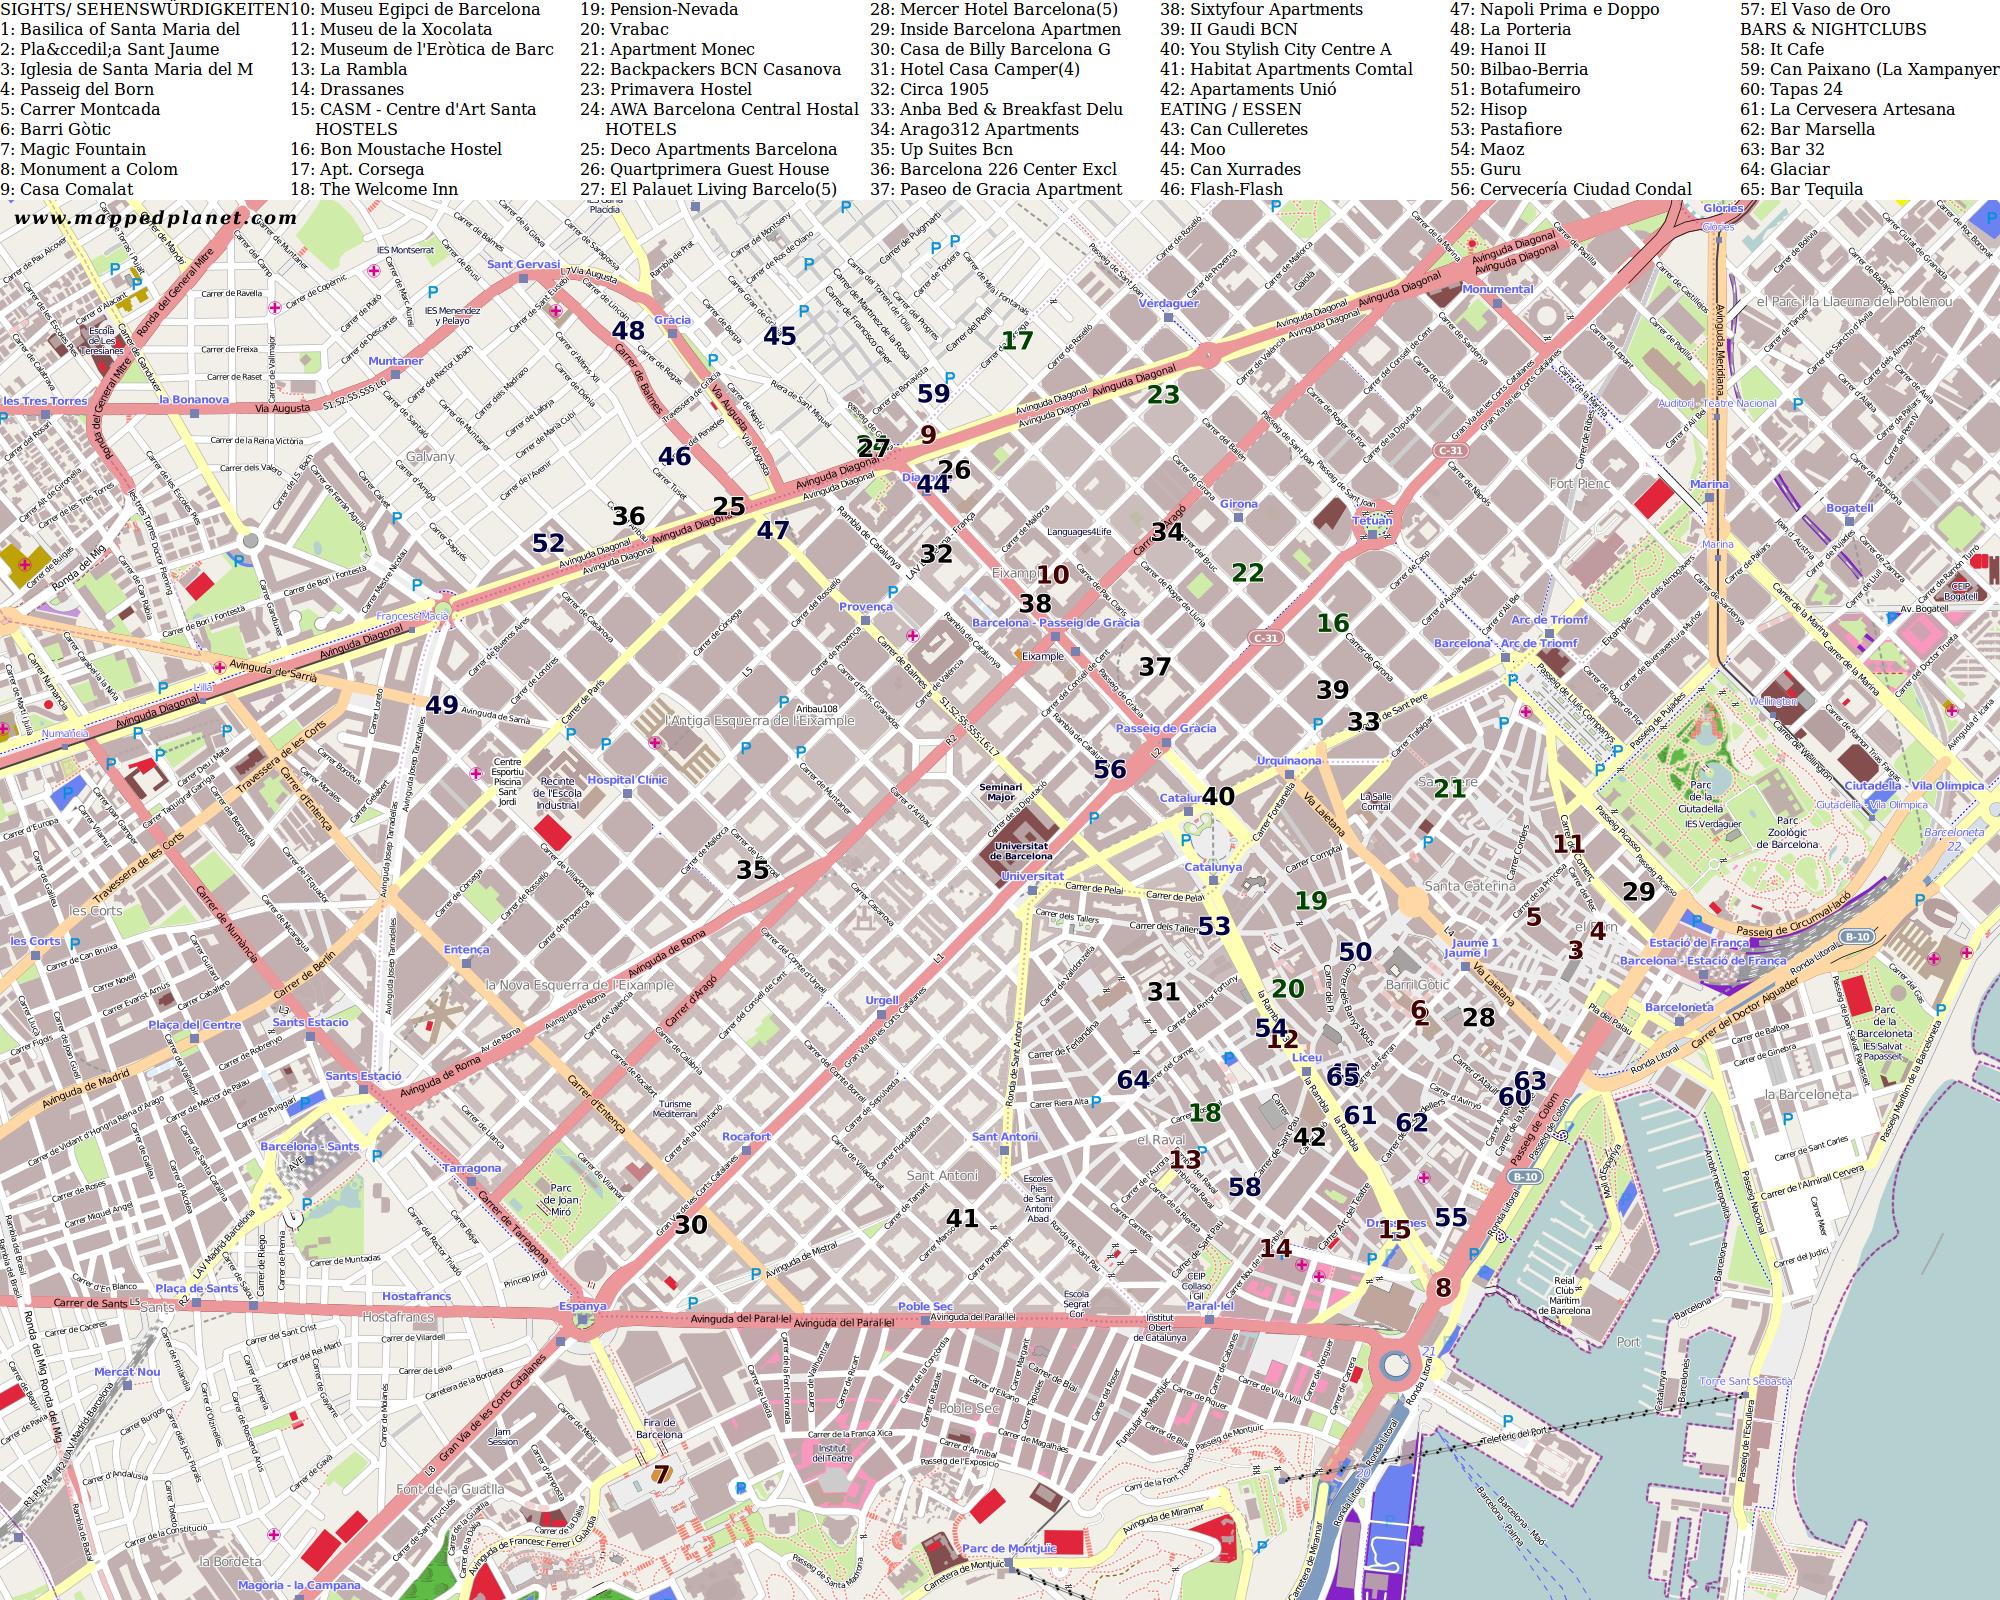 Barcelona Sehenswürdigkeiten Karte.Karten Und Stadtpläne Barcelona